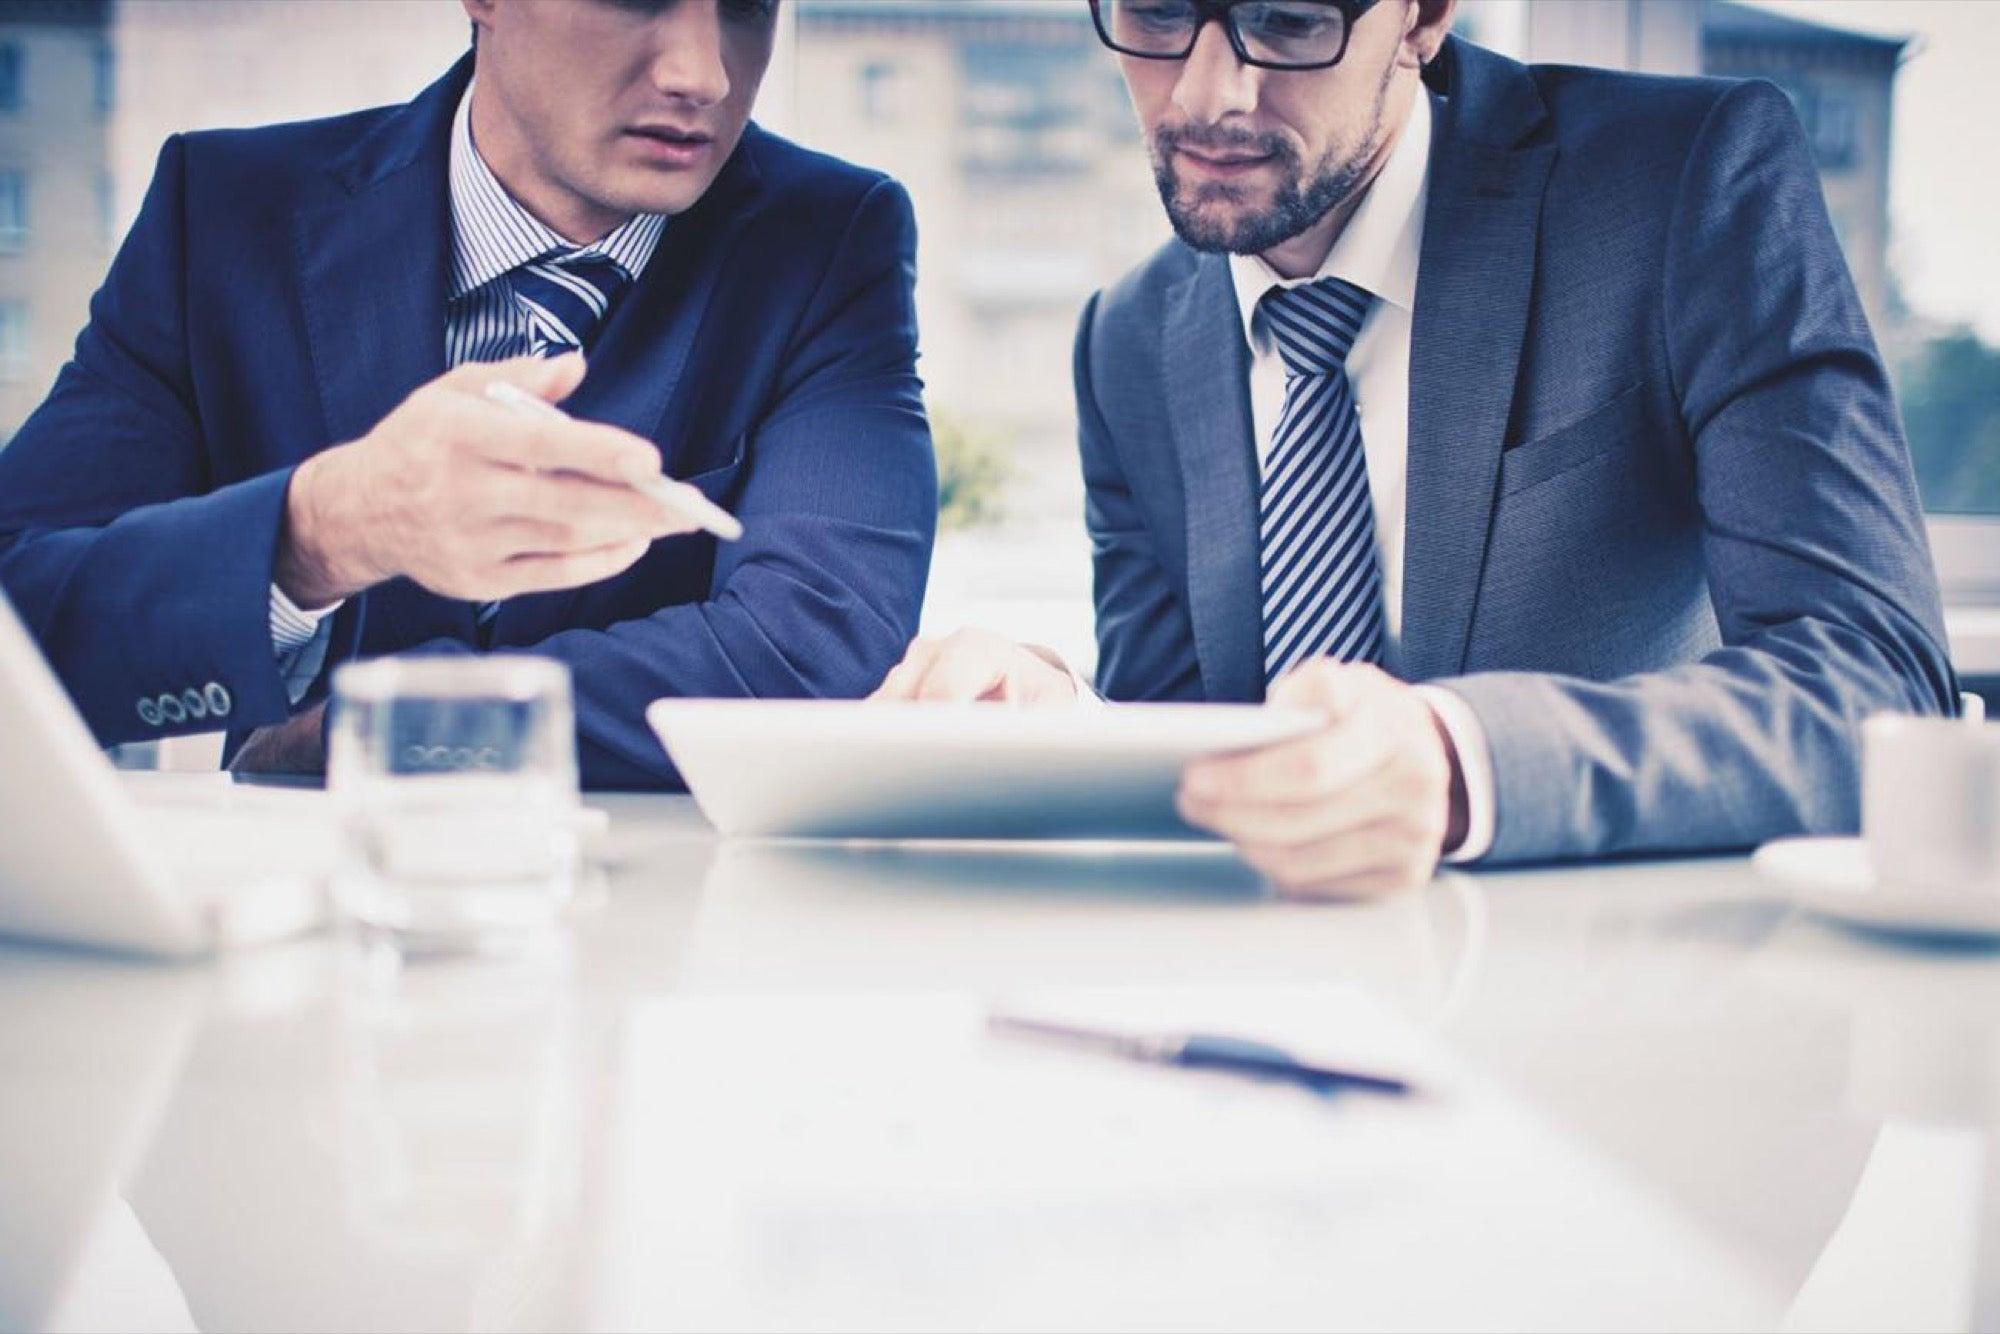 مشاوری متخصص و امین برای مشتری باشید